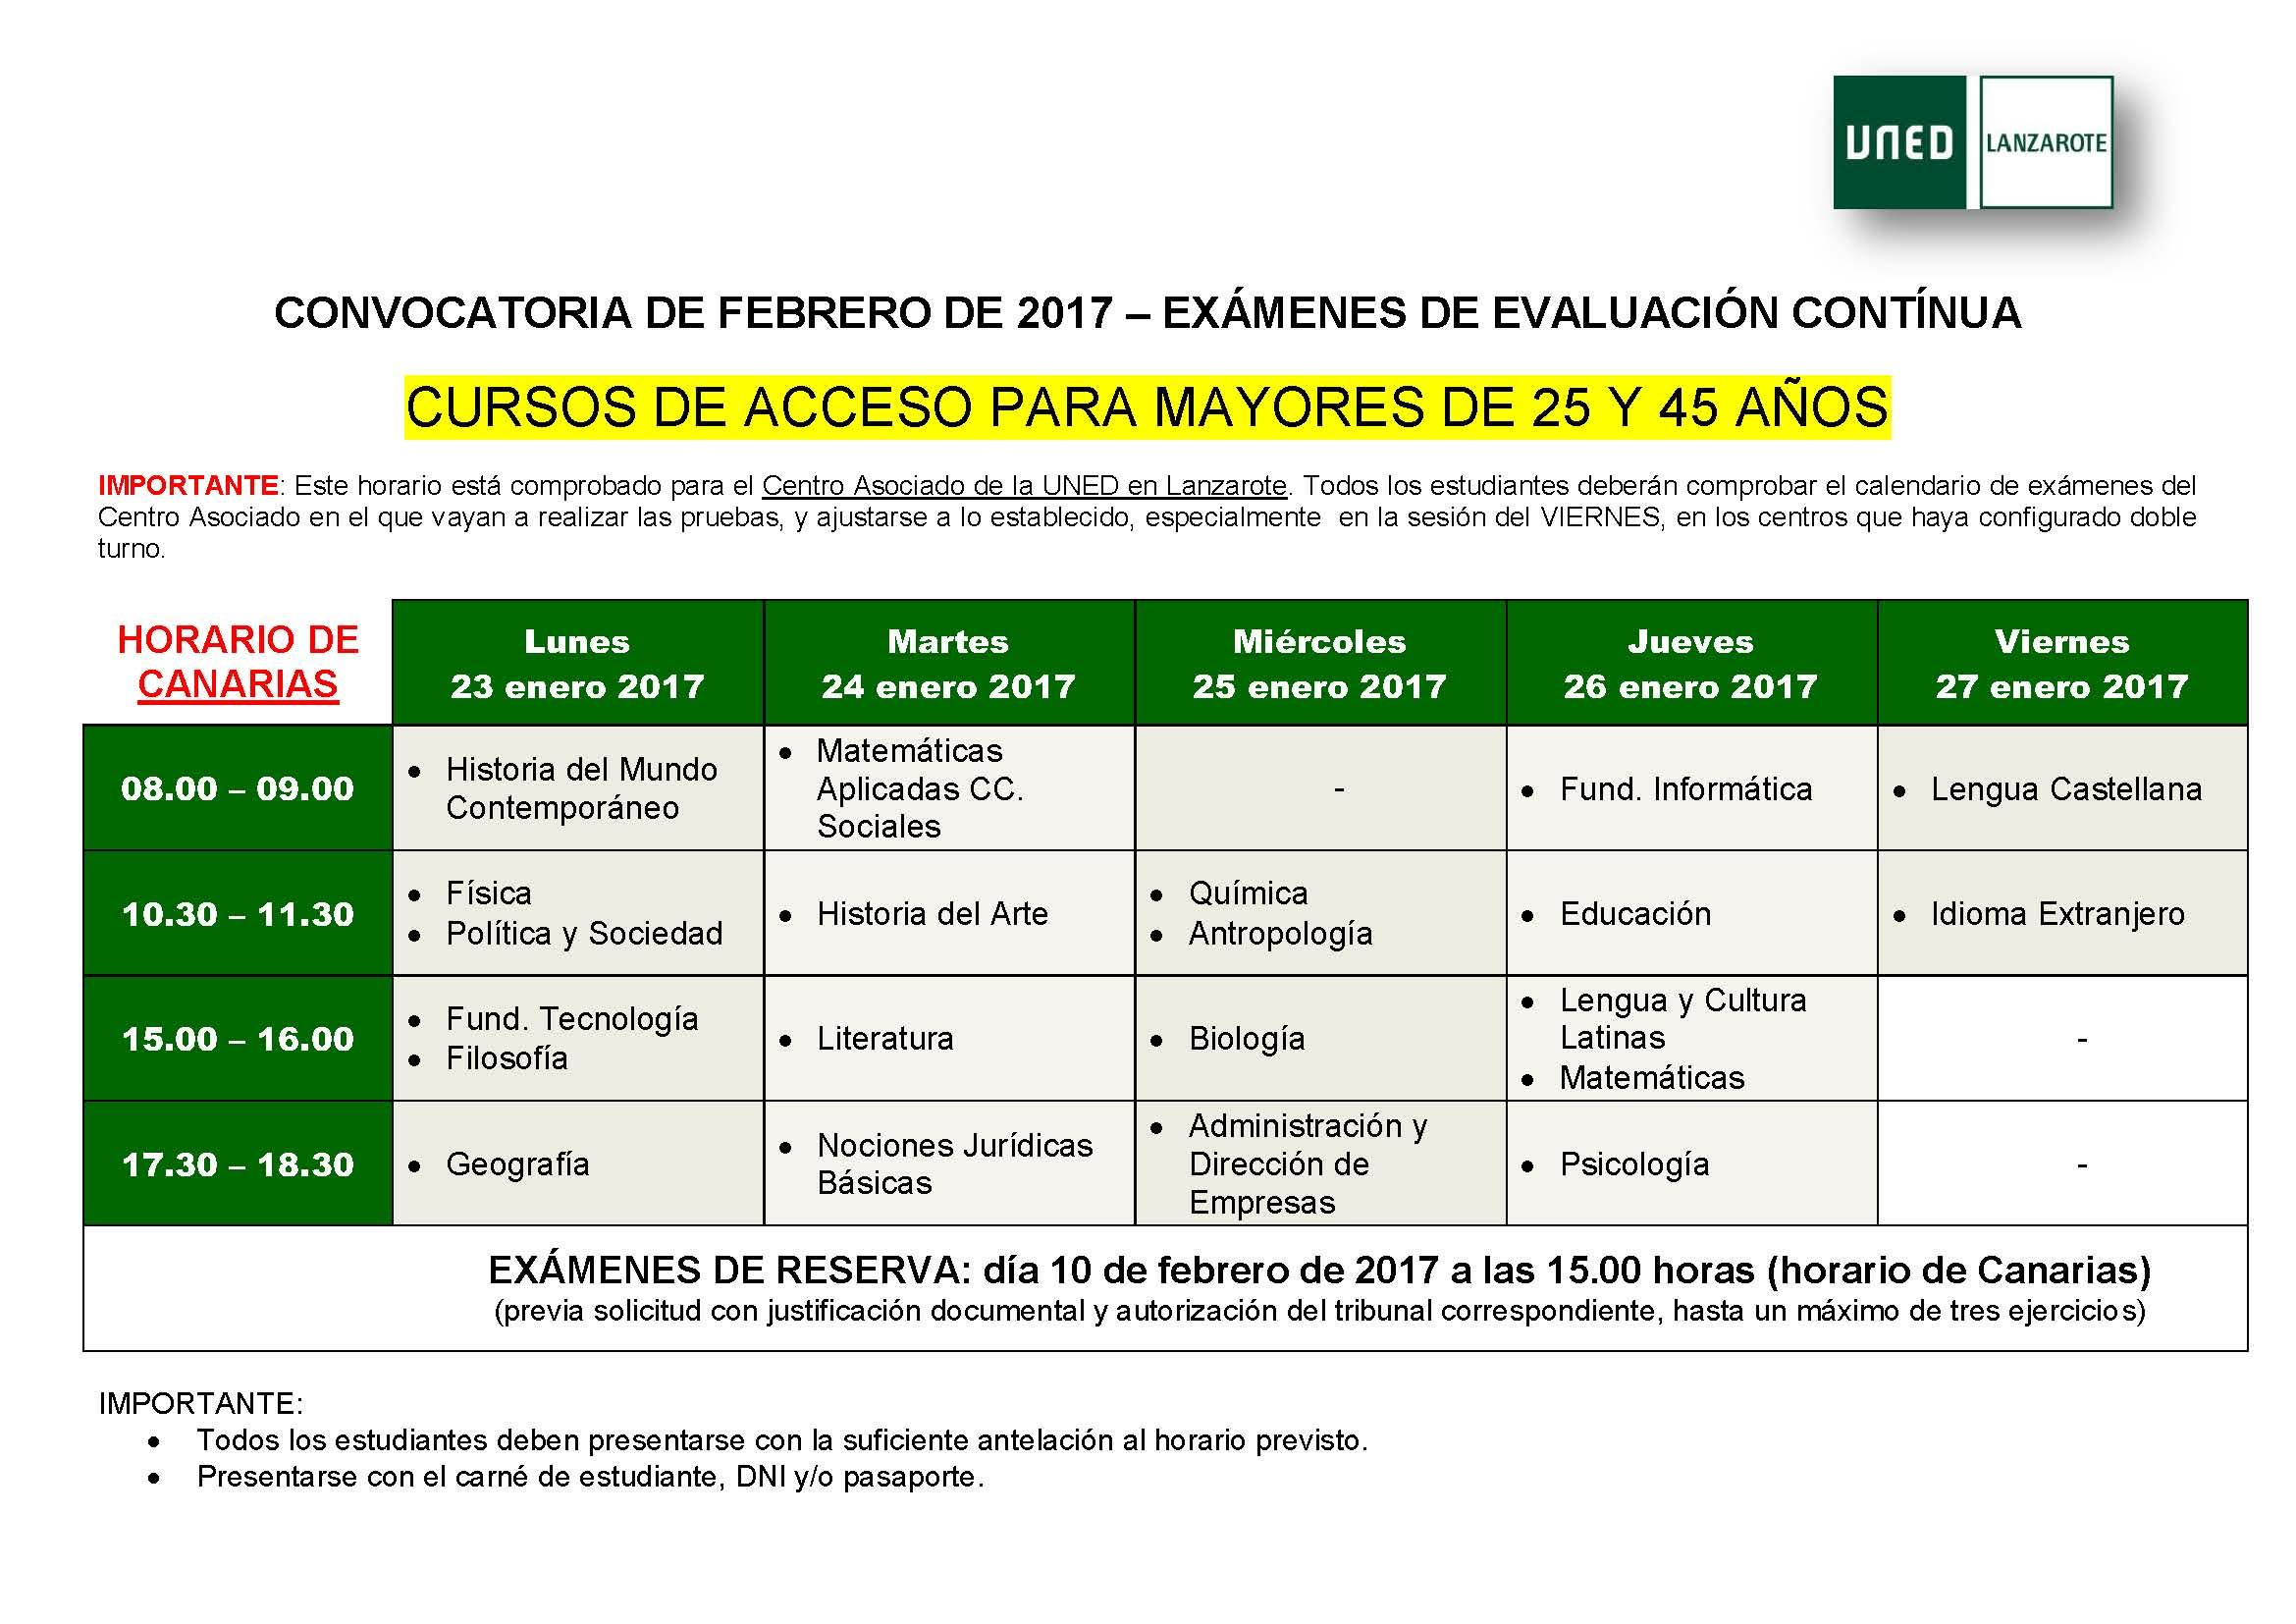 Calendario De Examenes Uned.Examenes Del Curso De Acceso Para Mayores De 25 45 Anos